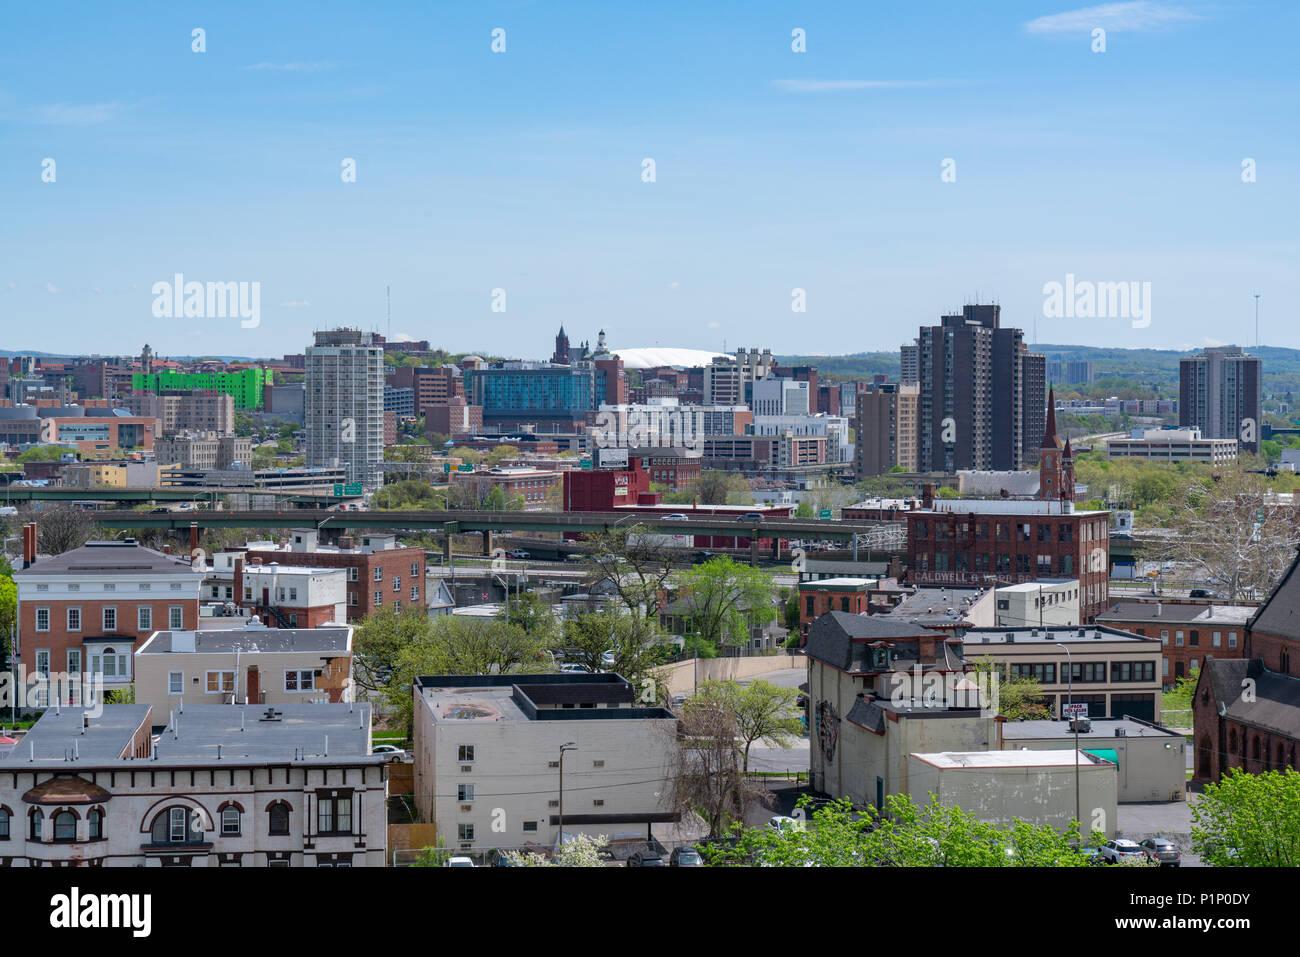 SYRACUSE, NY - MAY 14, 2018:  Daytime skyline of Syracuse, New York - Stock Image